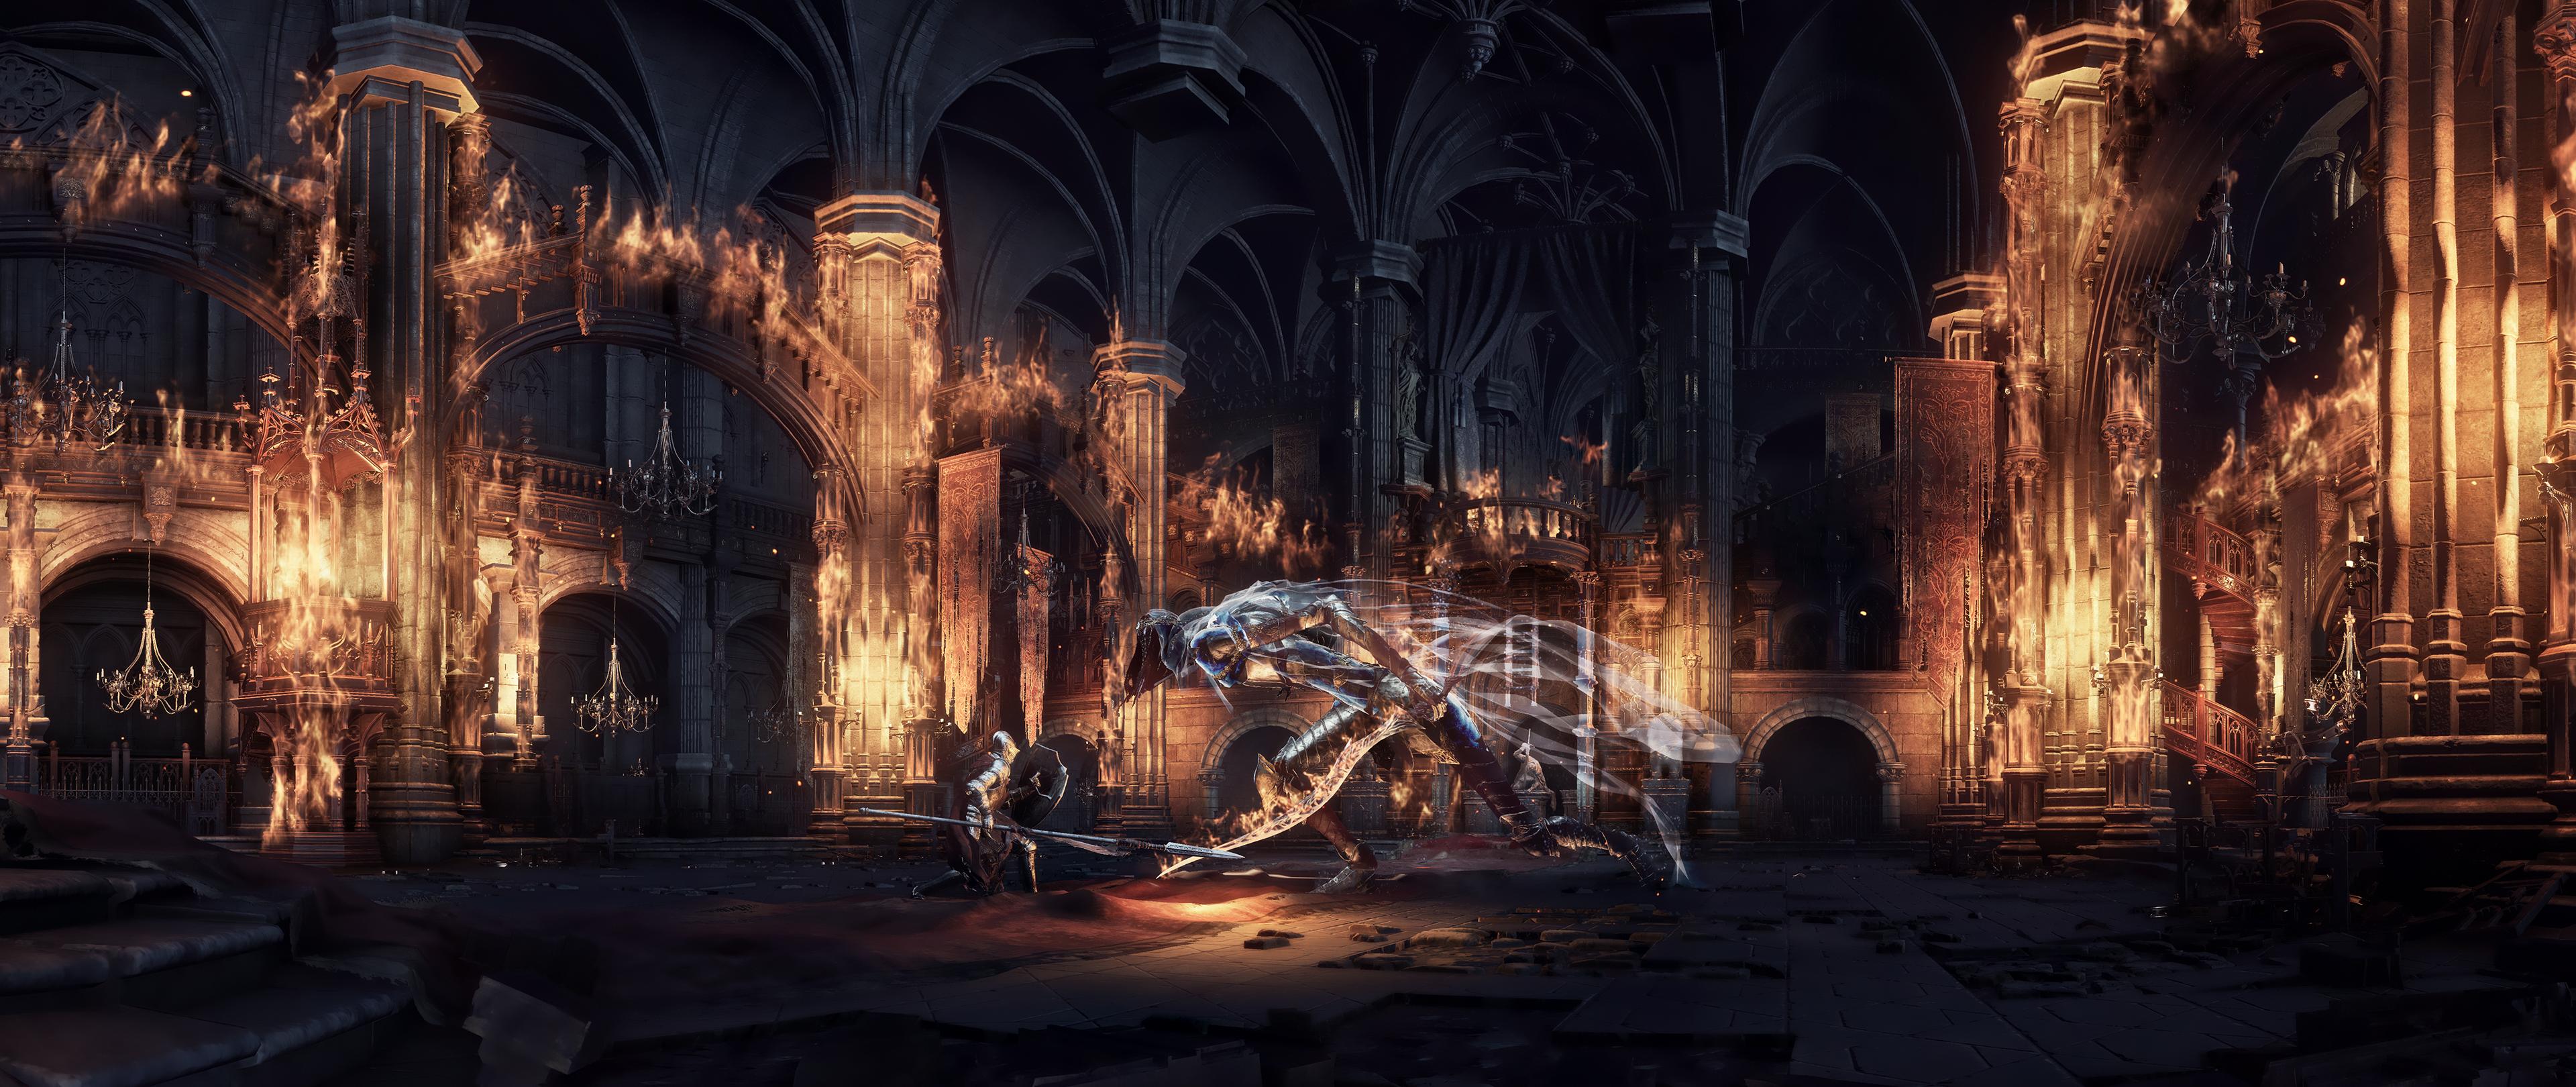 Dark Souls III Wallpapers, Pictures, Images